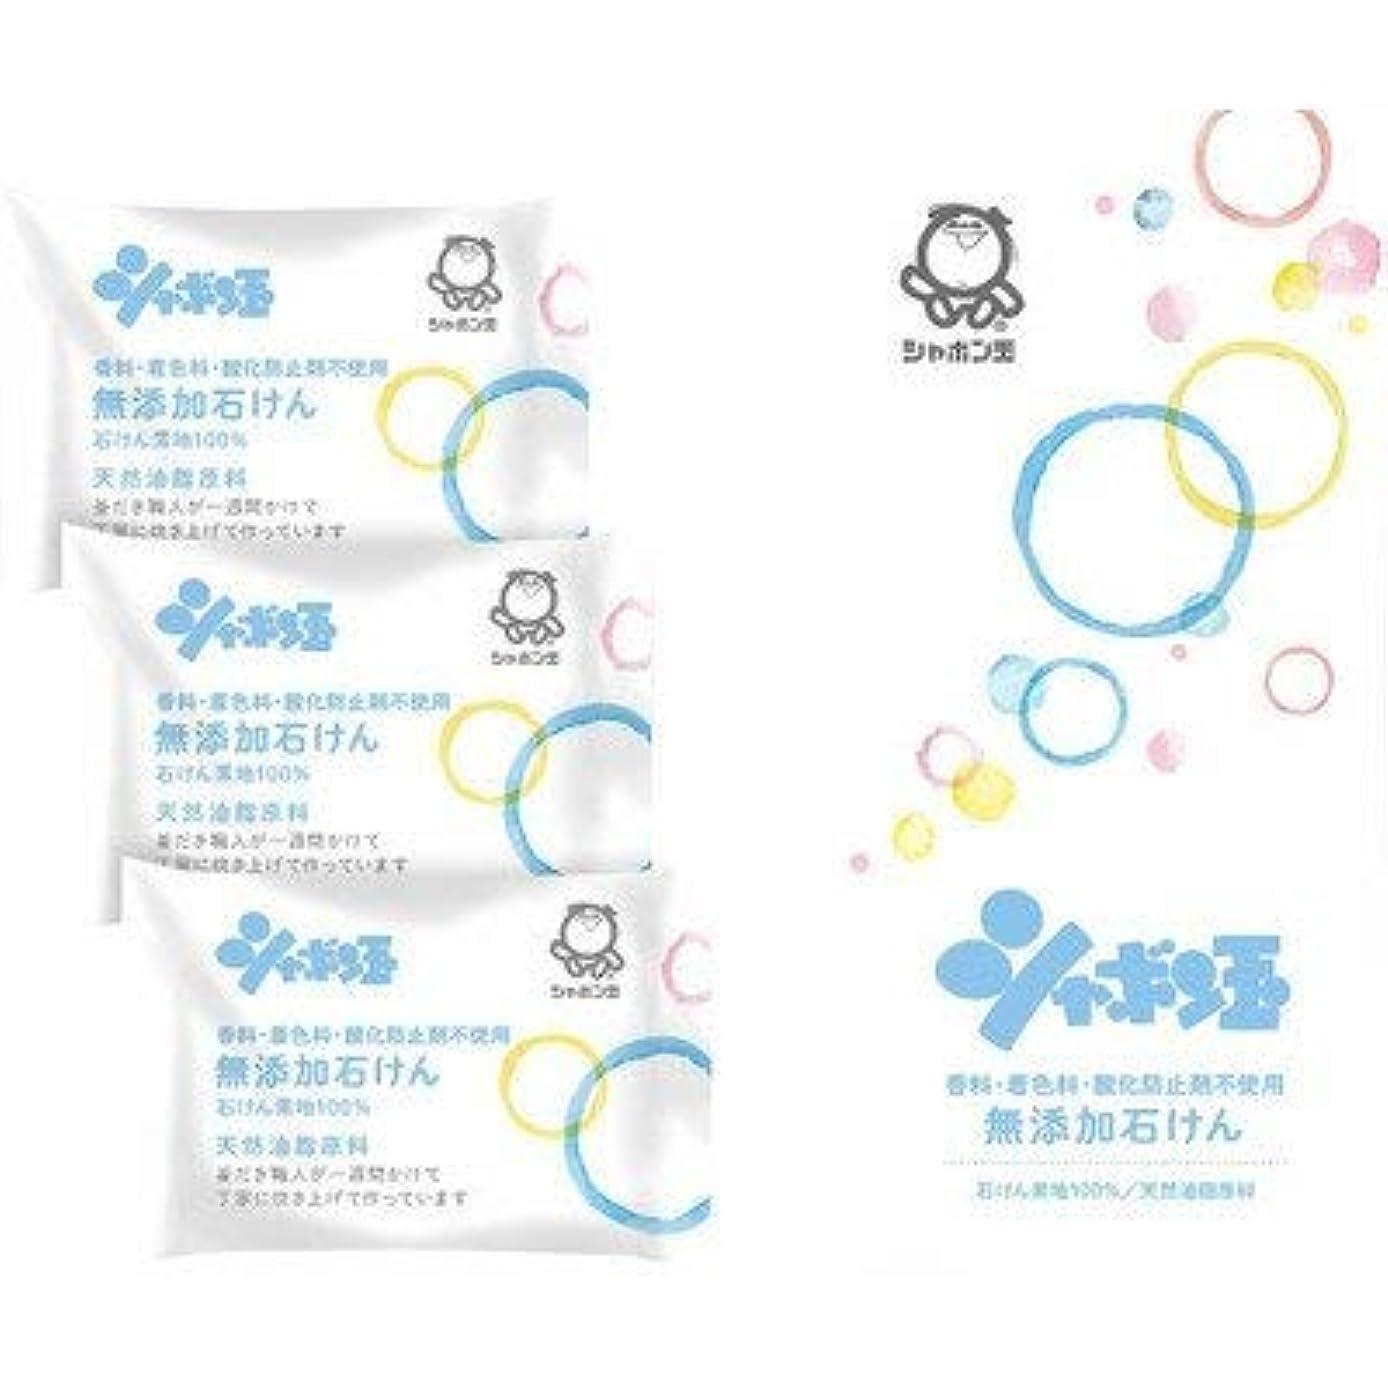 復活する体操選手湾【ギフトセット】 シャボン玉無添加石鹸ギフトセット SMG-5B